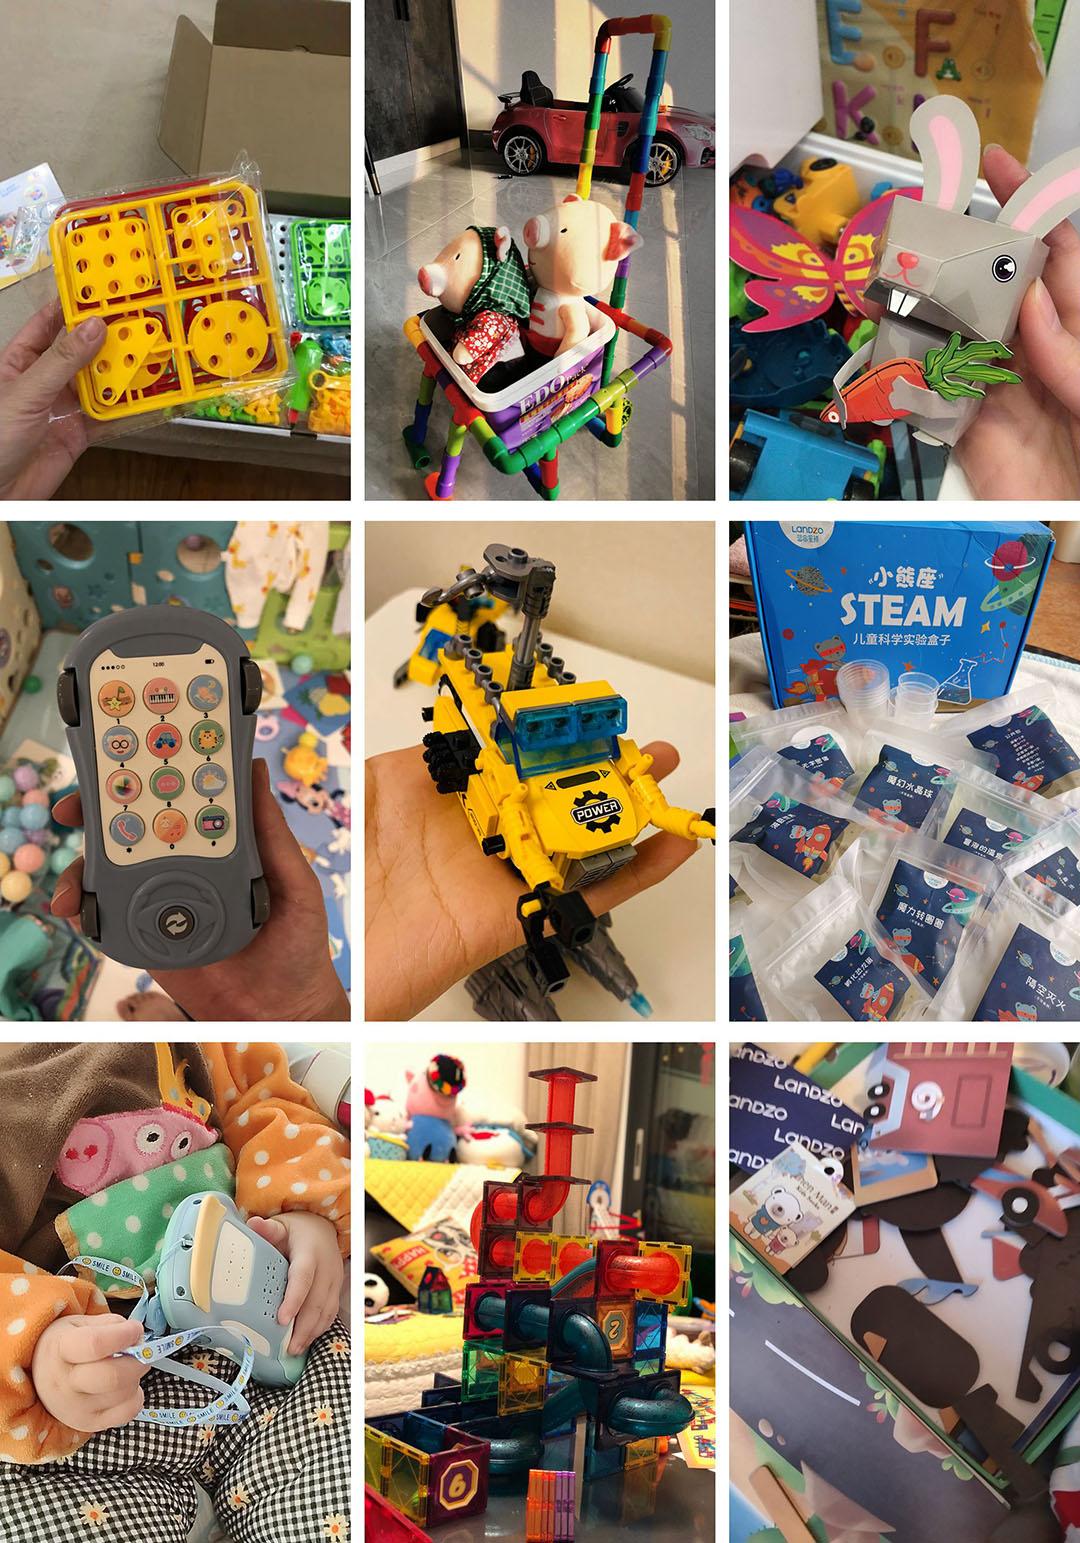 蓝宙 STEM 玩具